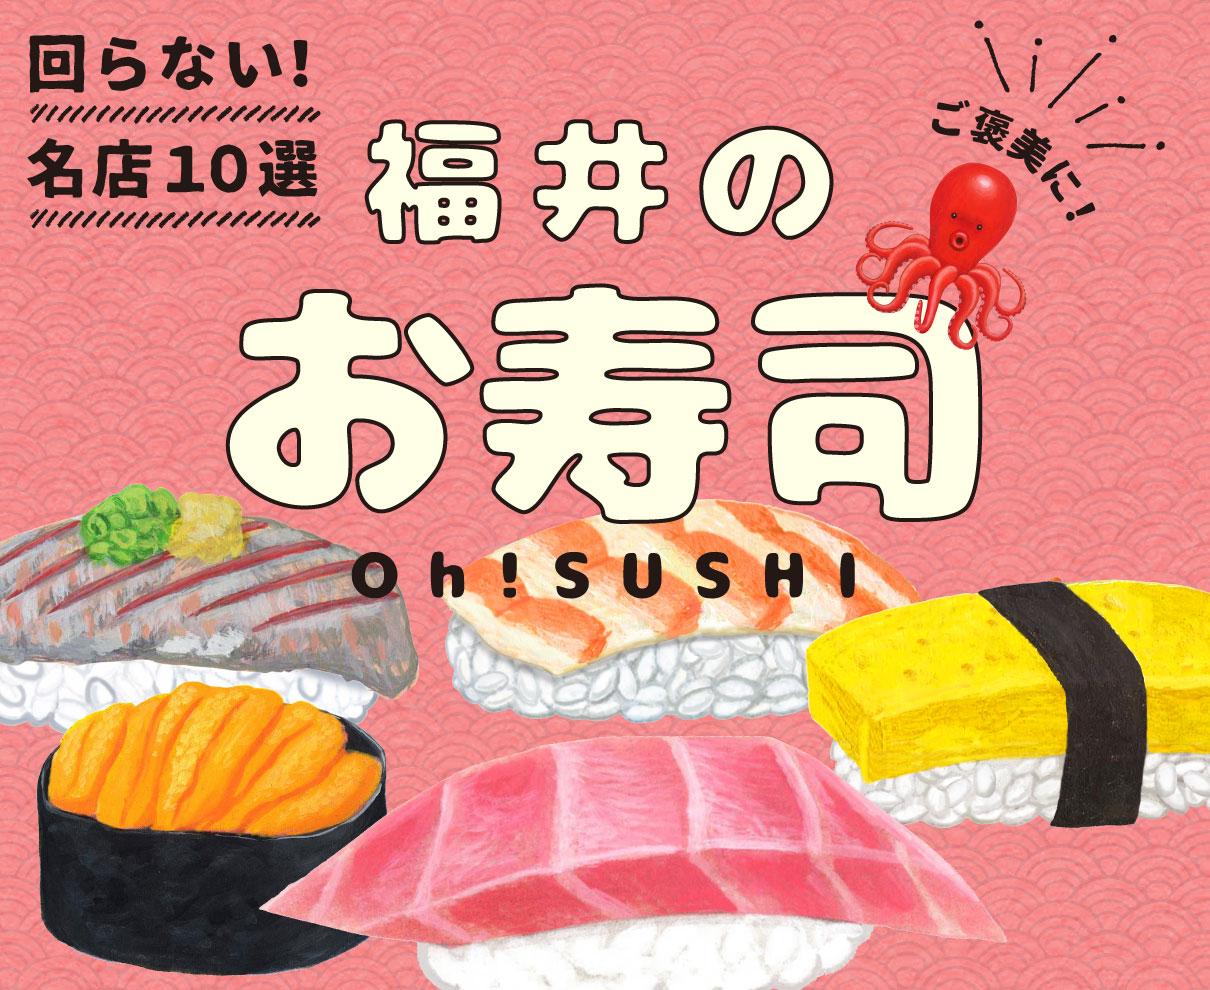 福井のお寿司の名店10選。回らないお寿司屋さんで自分へのご褒美を!